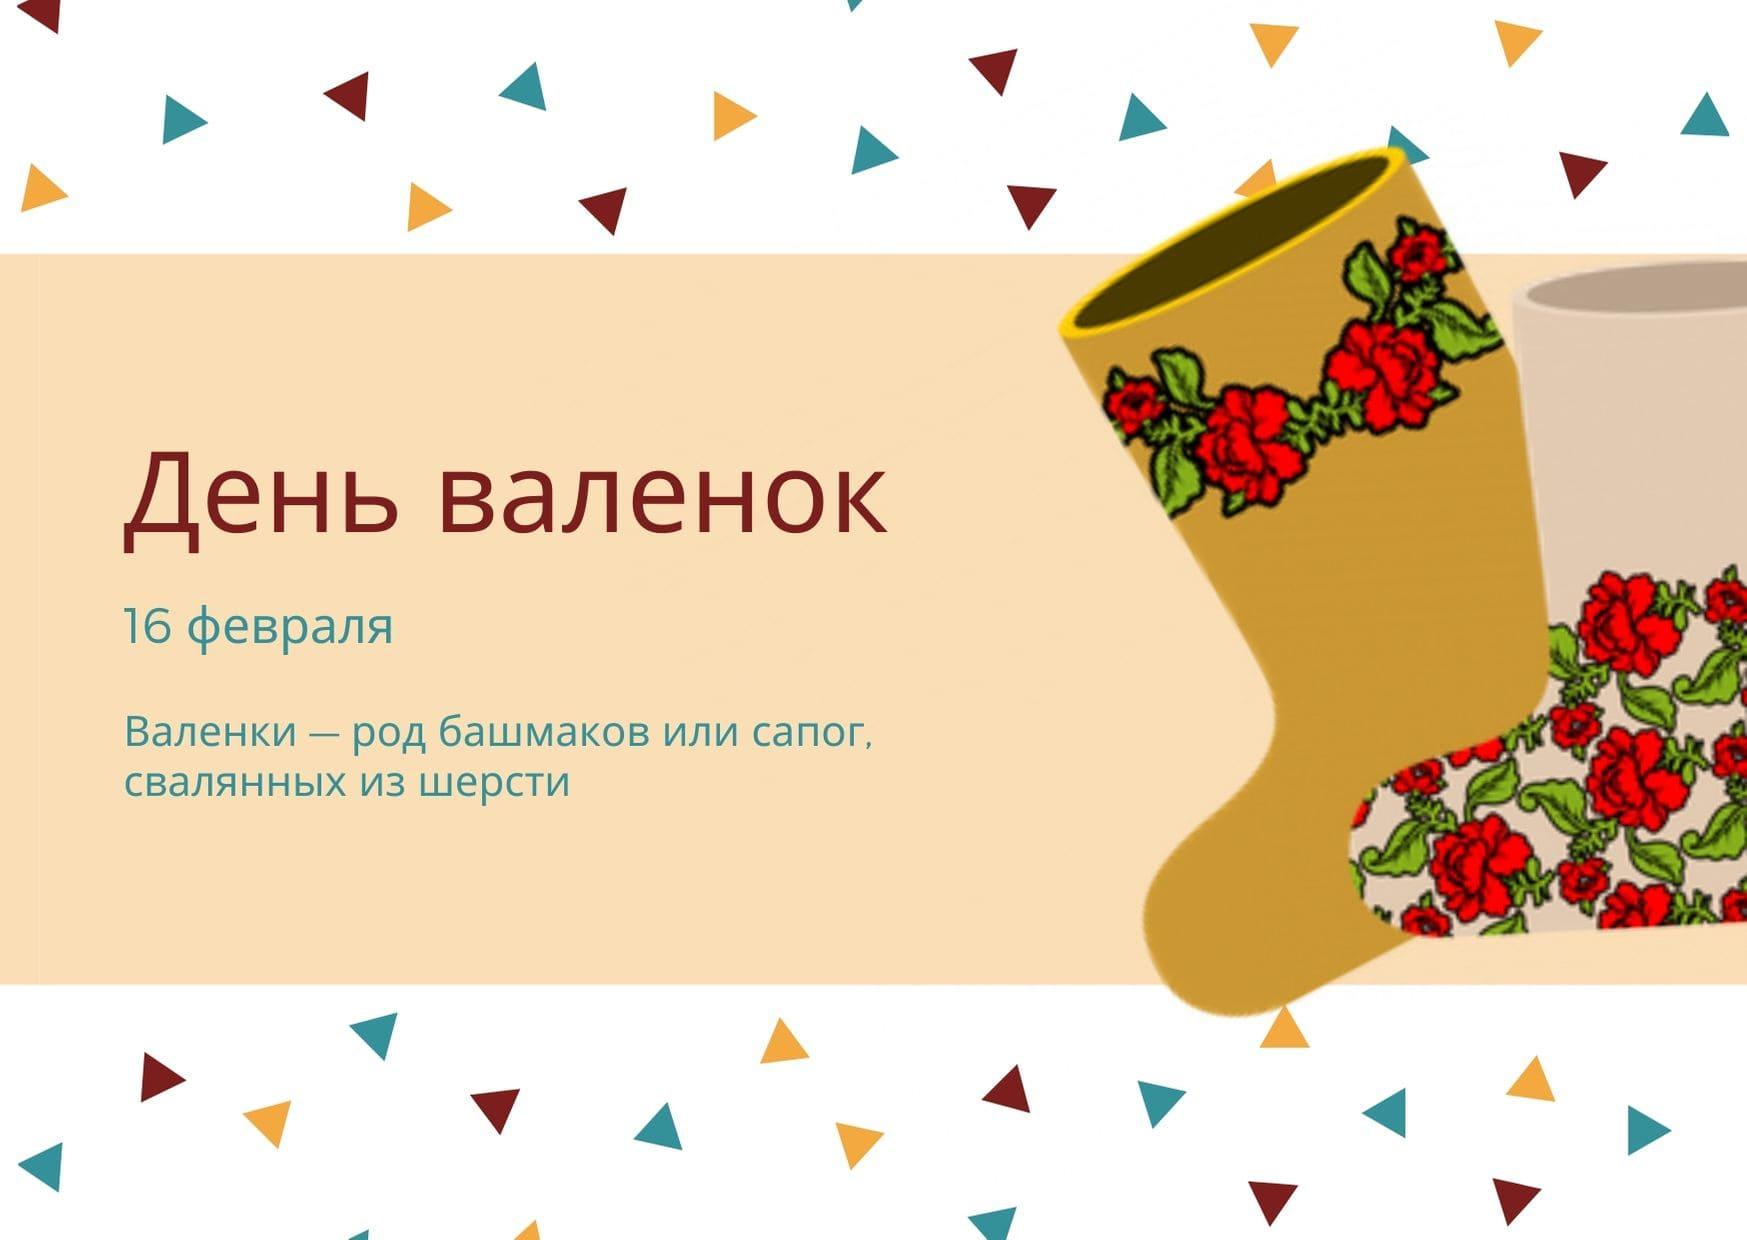 День валенок. 16 февраля